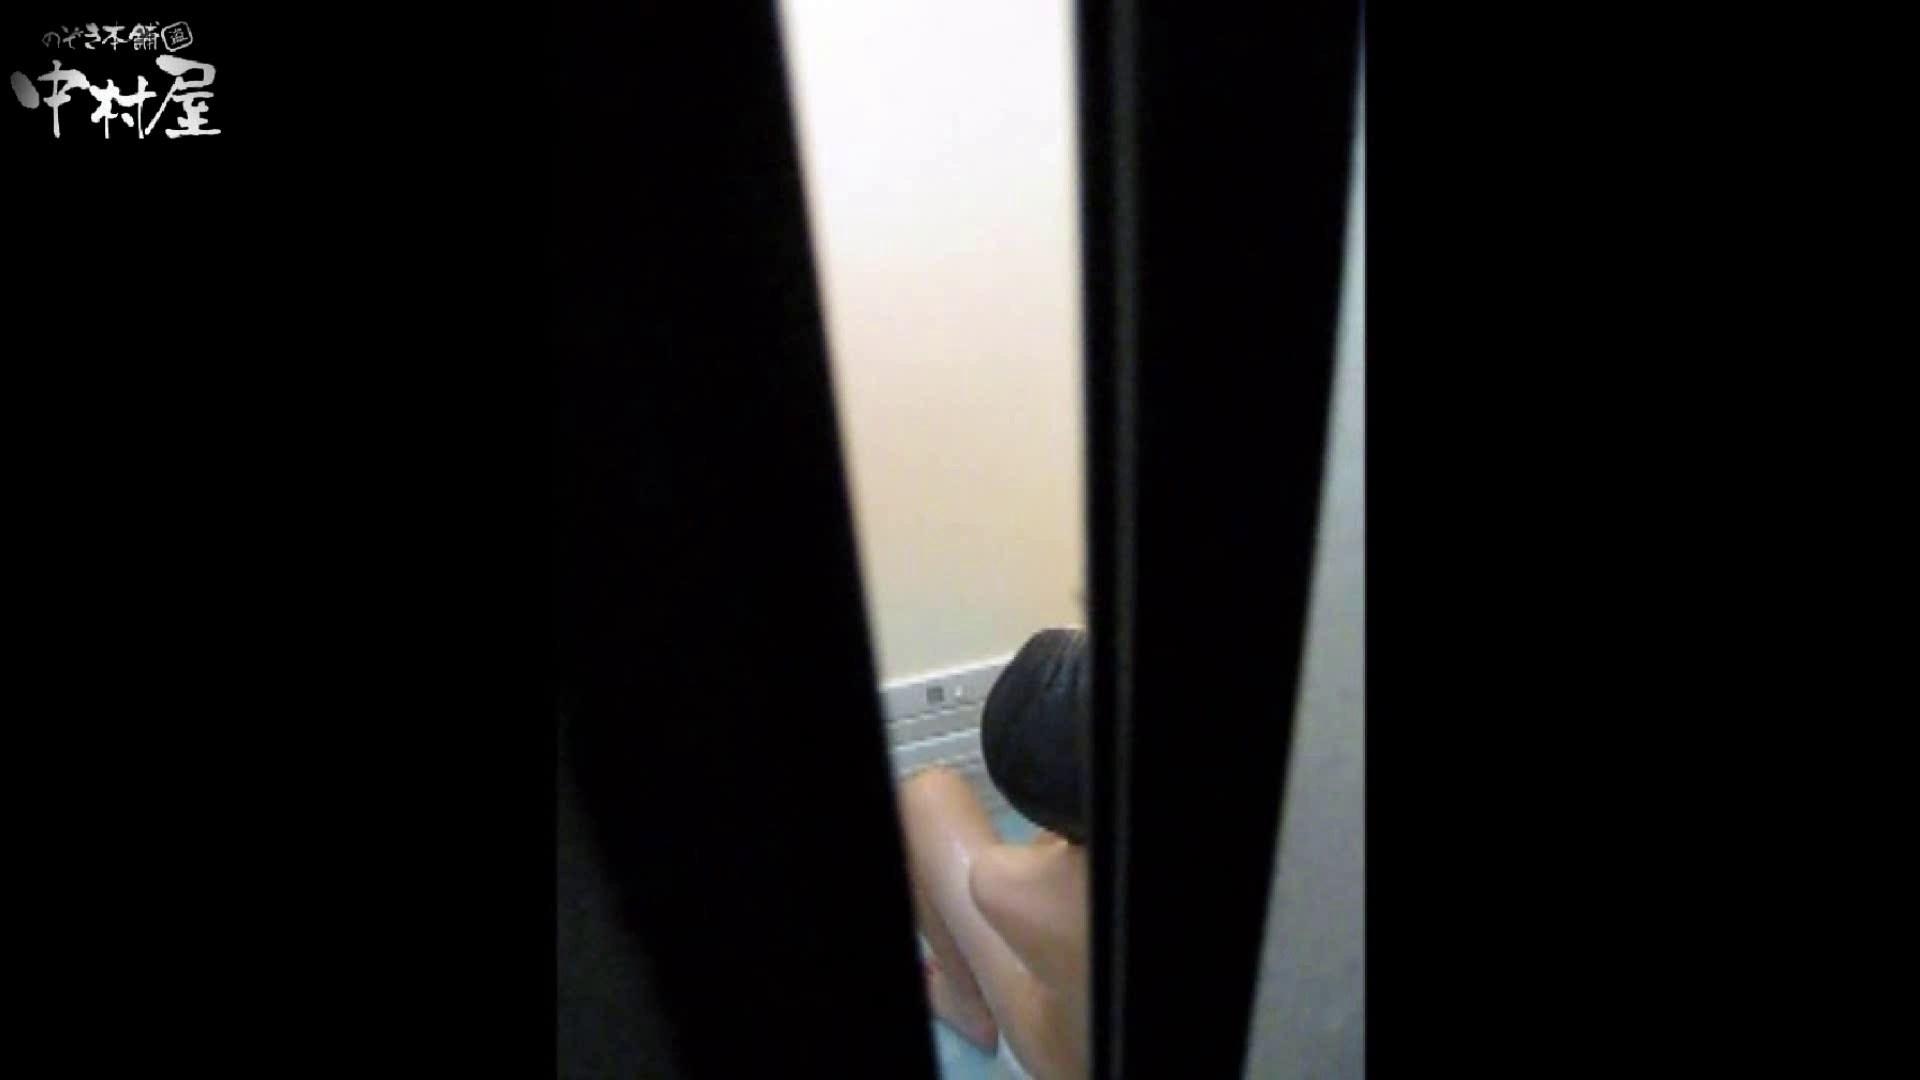 民家風呂専門盗撮師の超危険映像 vol.006 エロい美少女 ヌード画像 88PIX 39